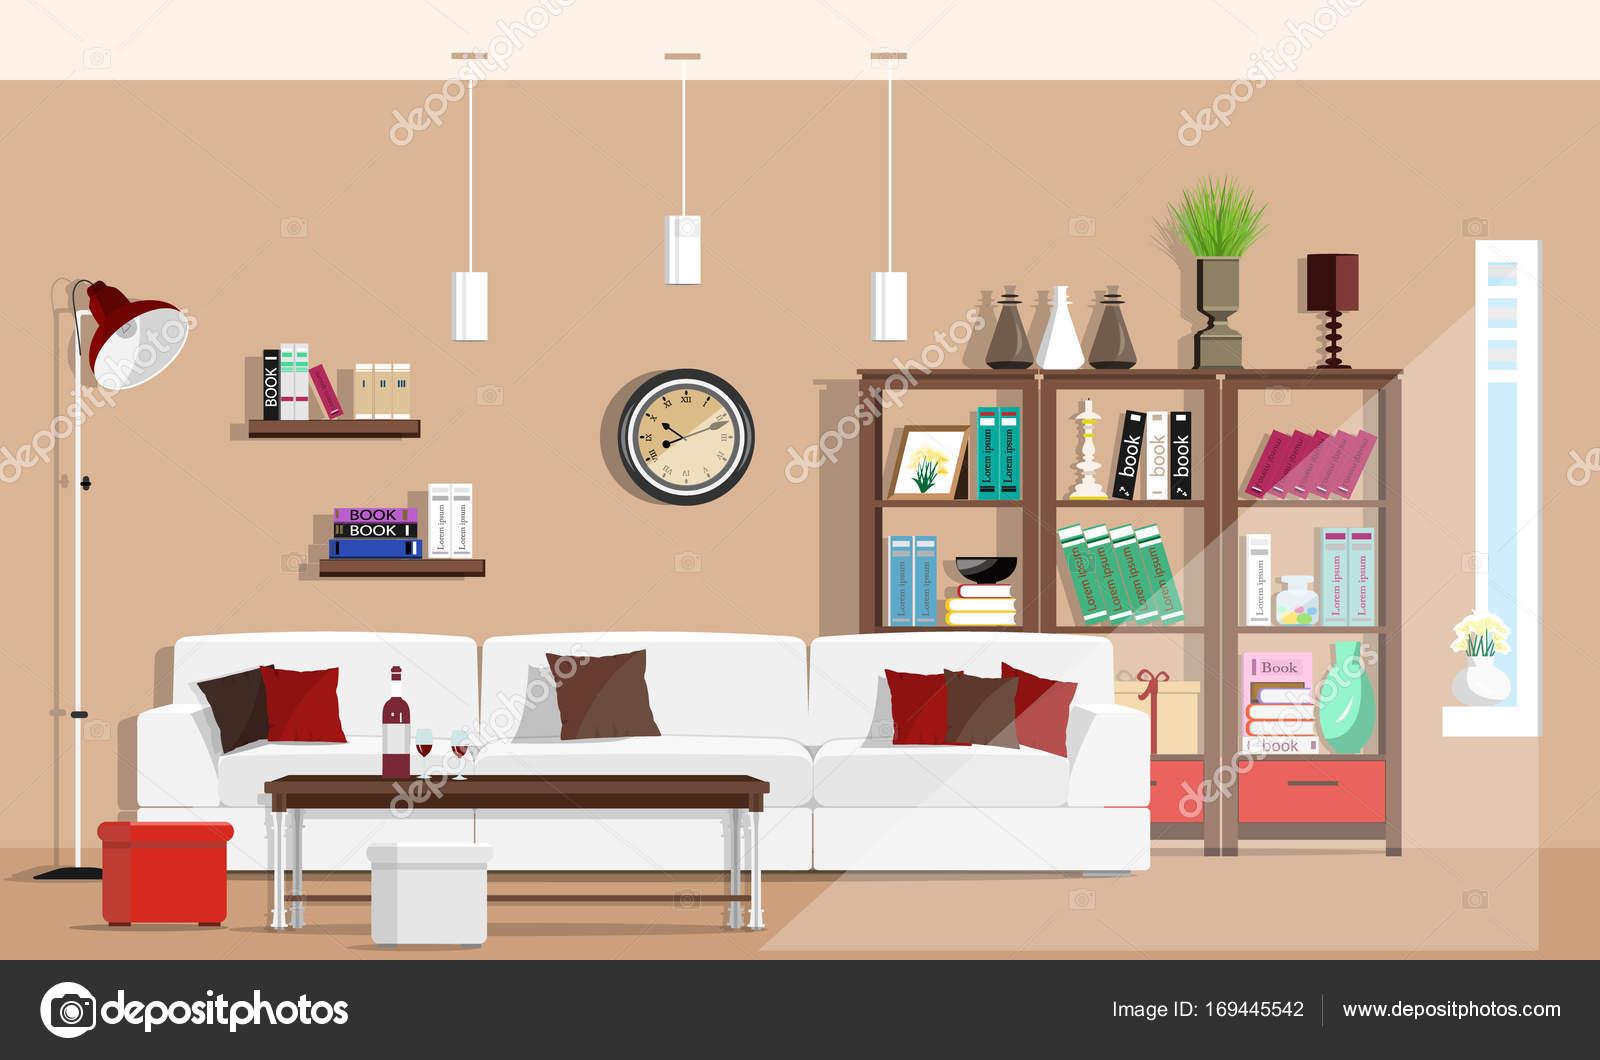 Cool grafische woonkamer interieur met meubels Bank